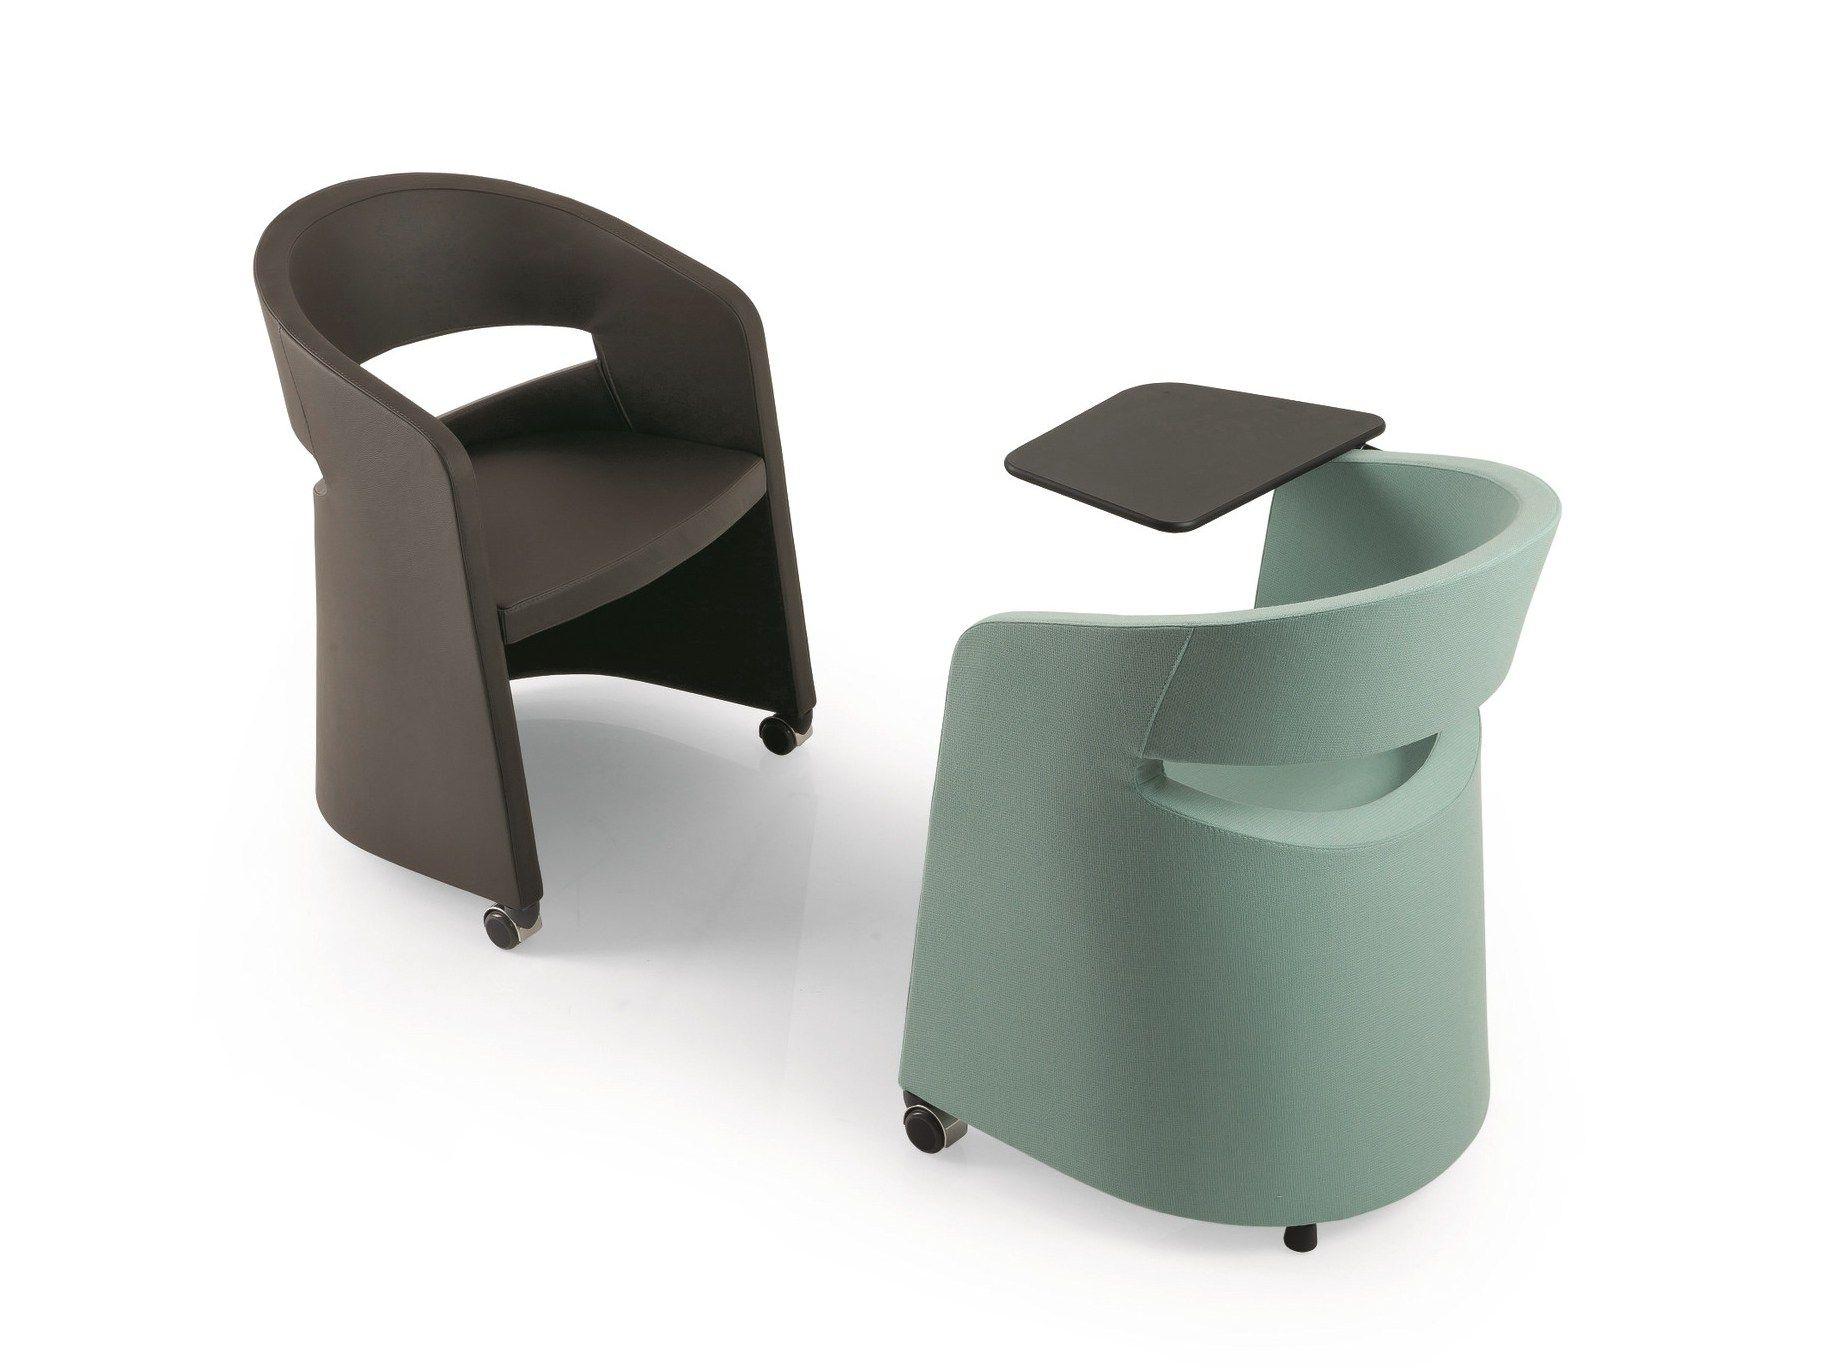 Open petit fauteuil roulettes by emmegi design r s for Petit fauteuil pour chambre